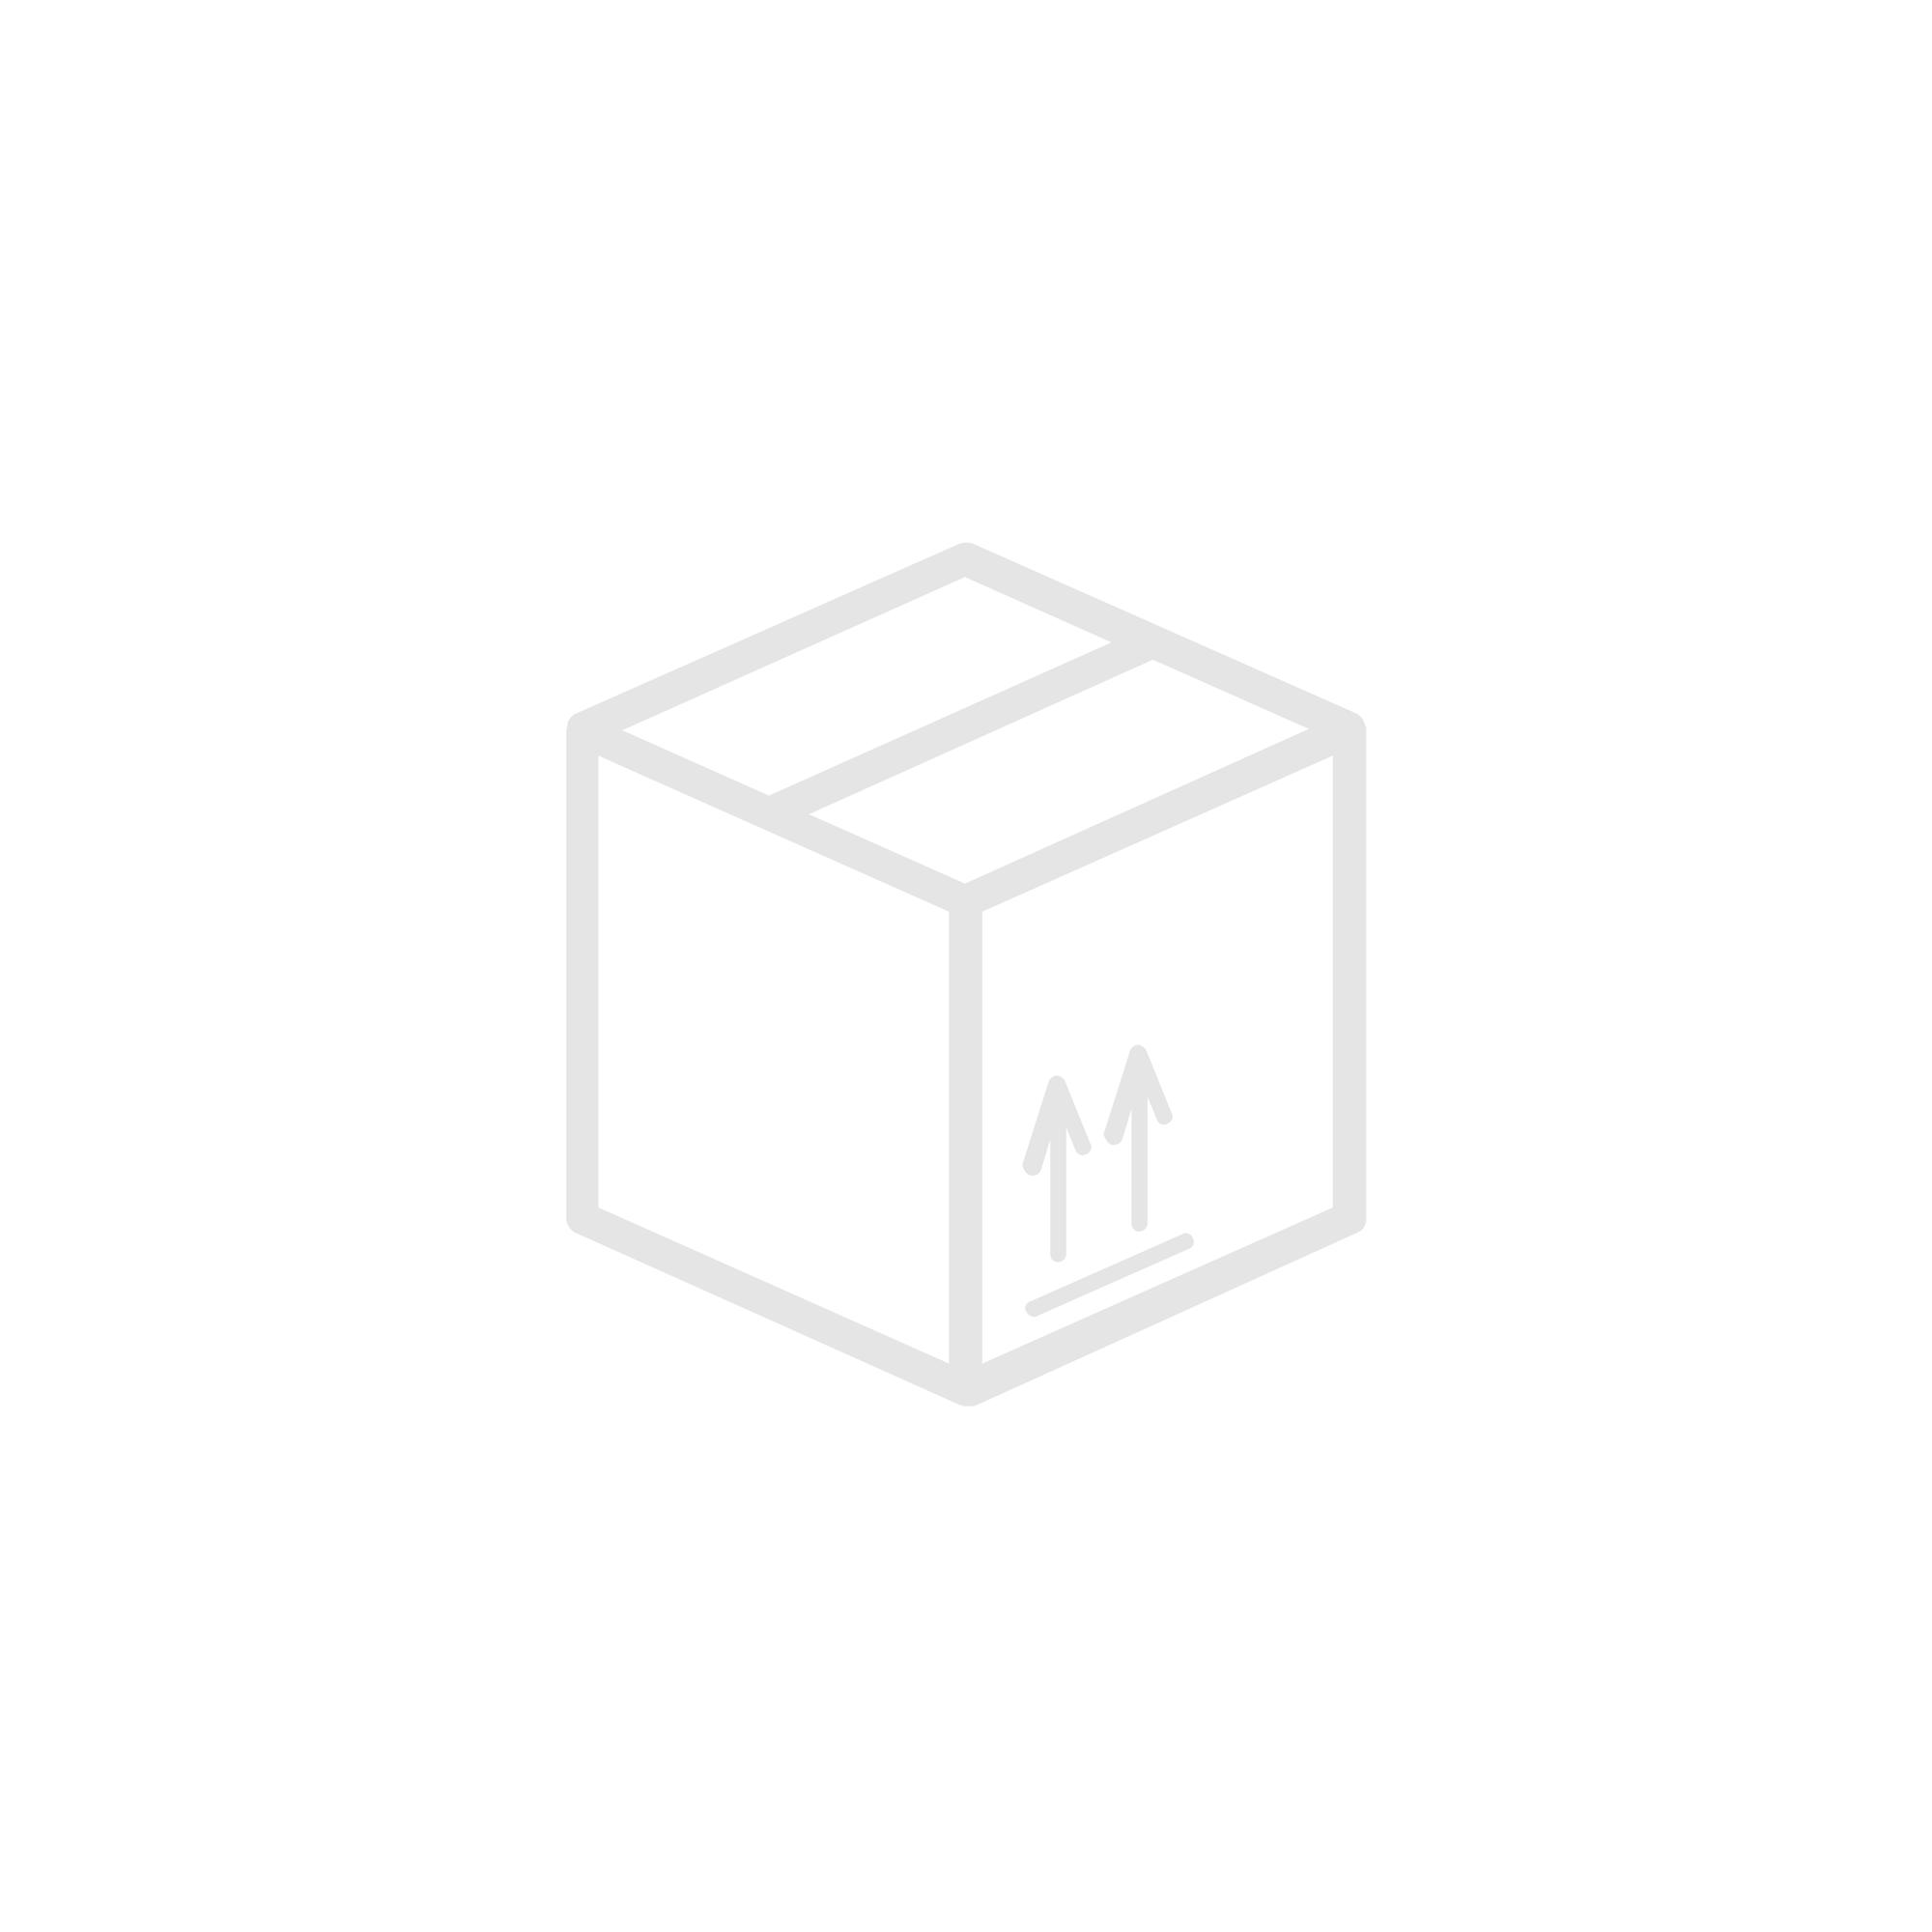 MERKUR Kabelový žlab 150x50 mm, M2 galvanický zinek, délka 2 m, ARK-211130